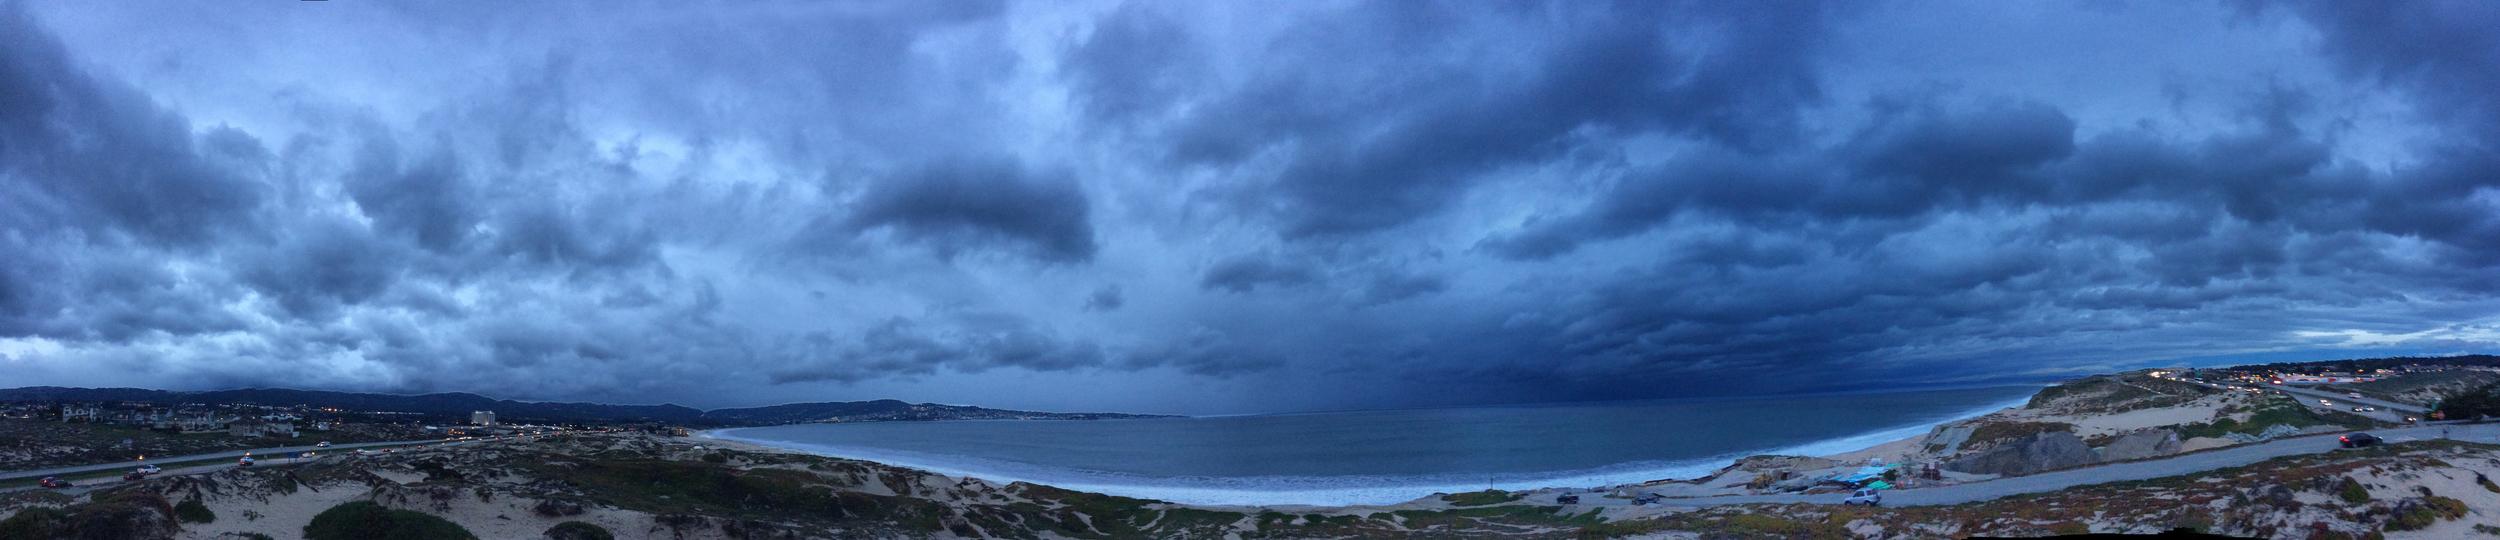 seasideStormPanorama.jpg